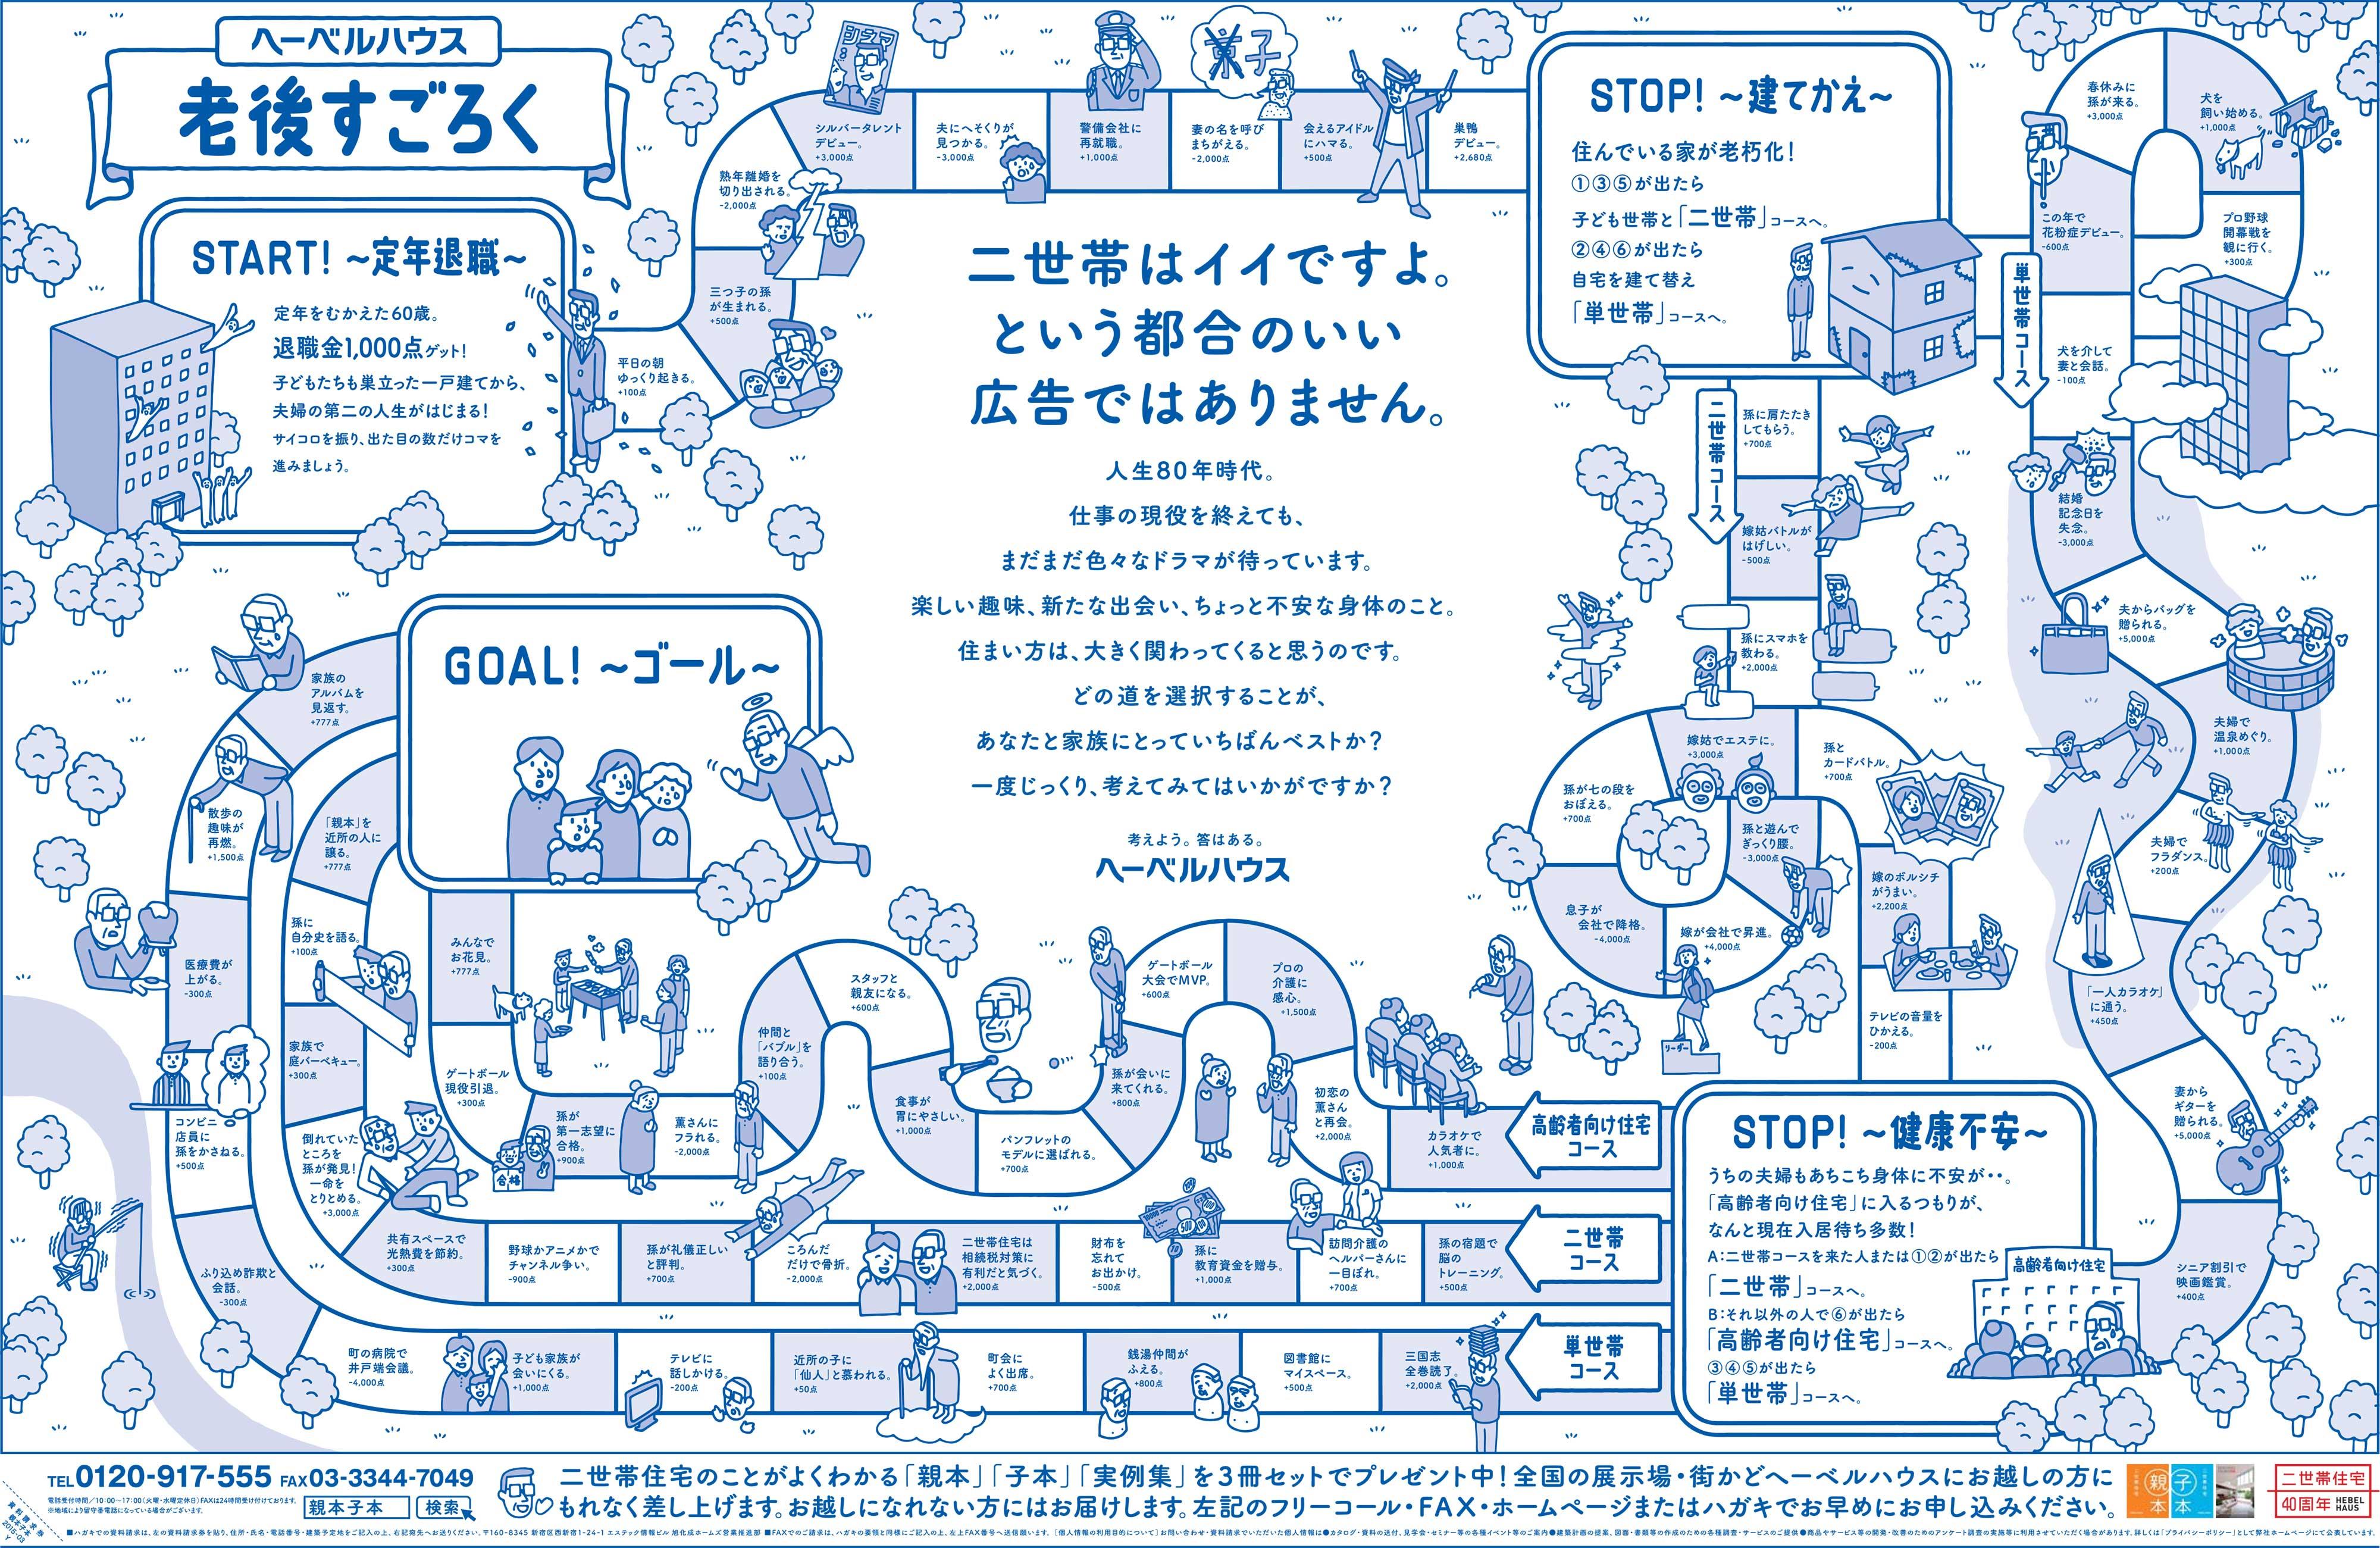 旭化成ホームズ新聞広告データアーカイブ